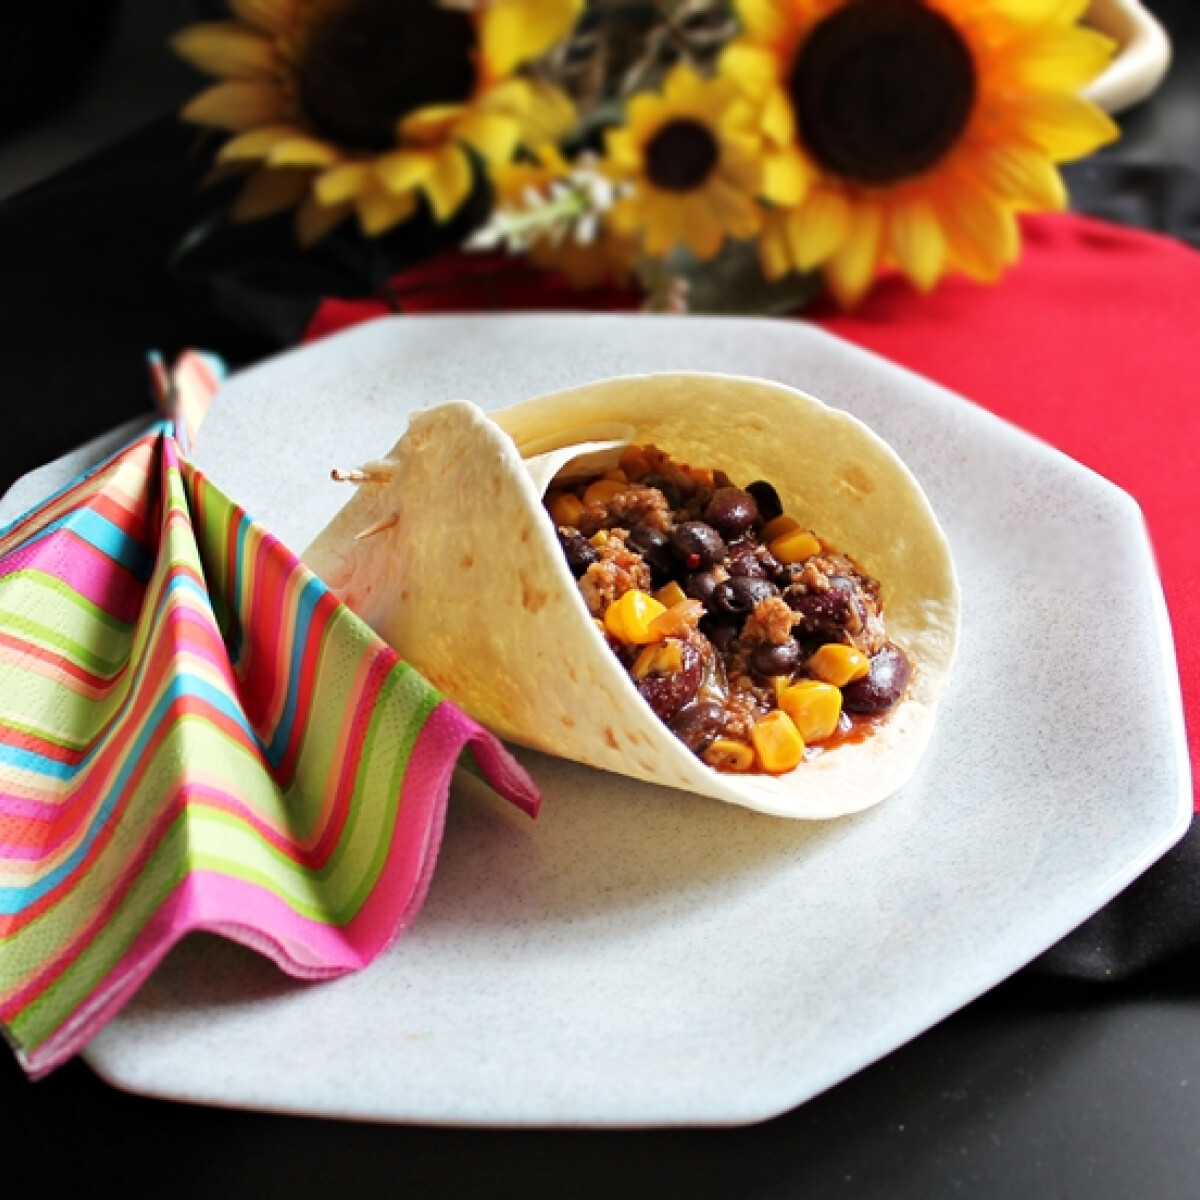 Ezen a képen: Mexikói tortillakehely